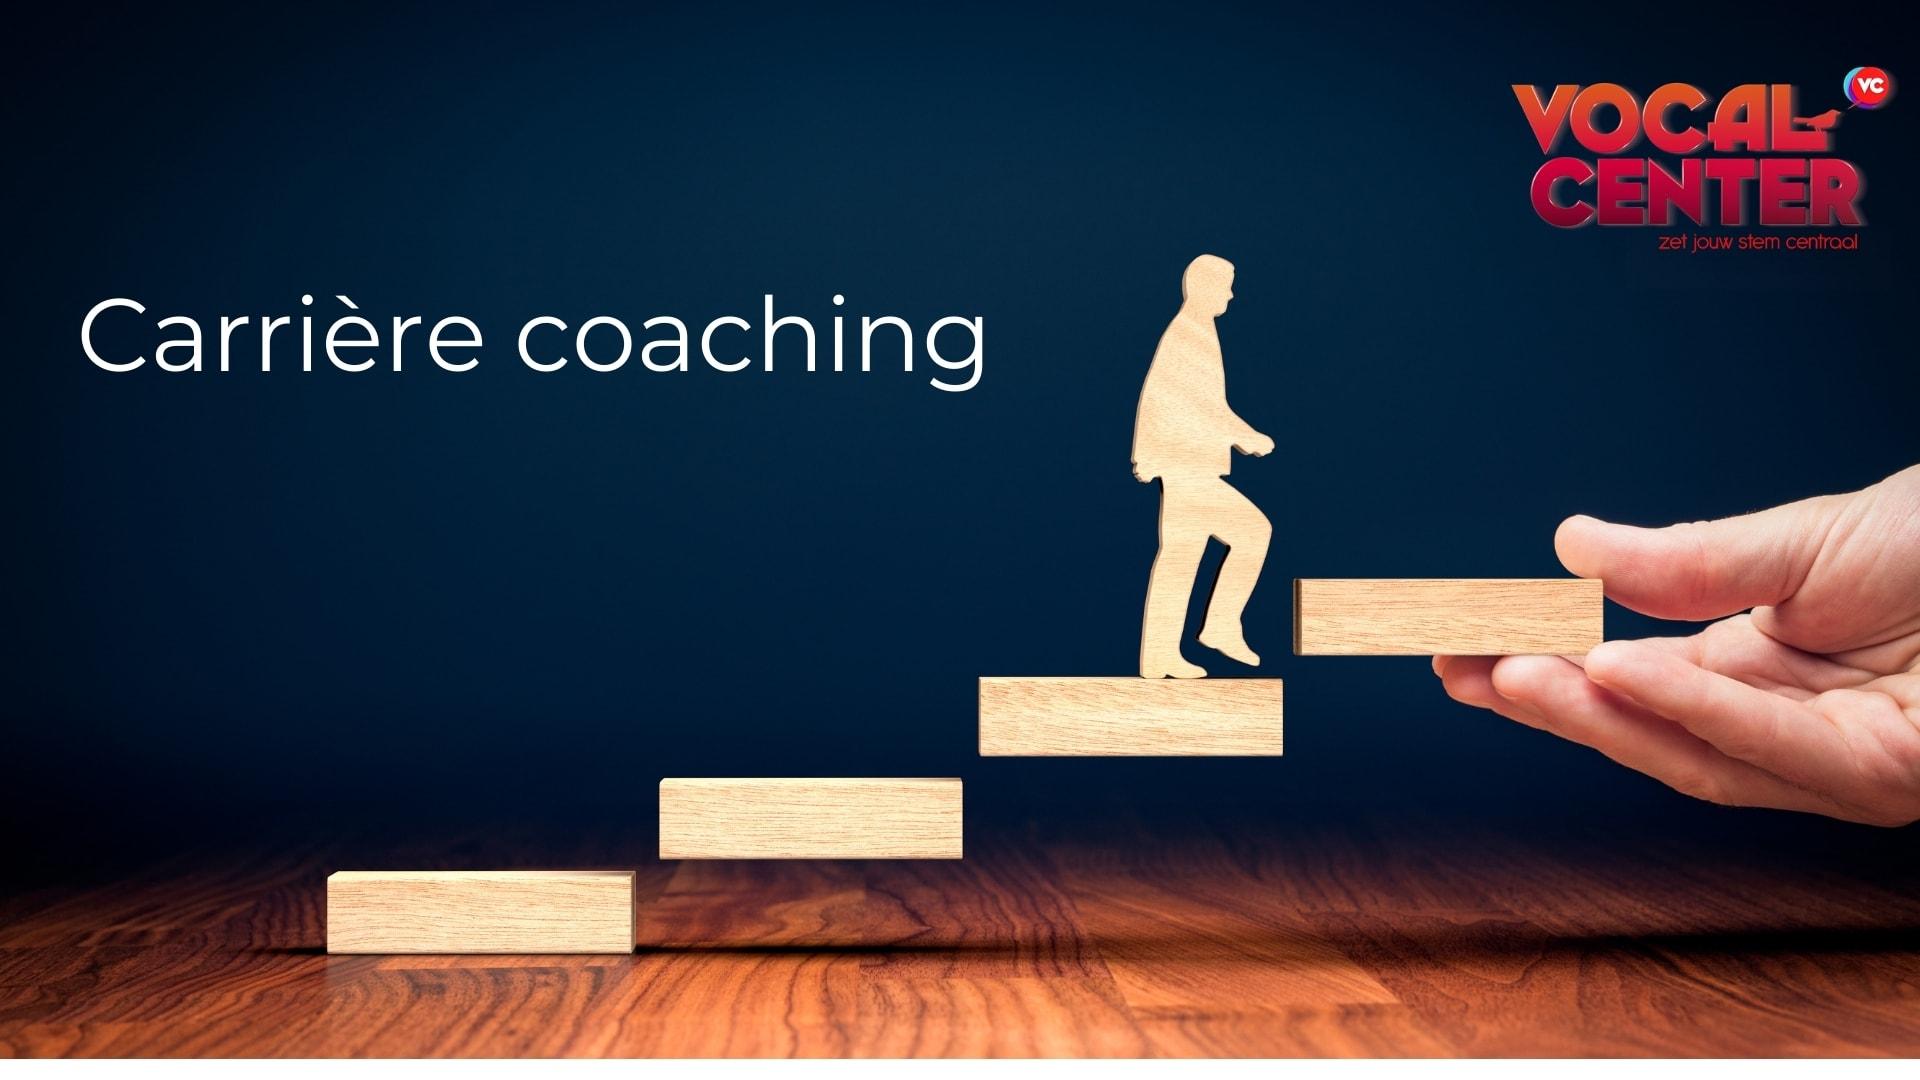 Zang Carrière coaching